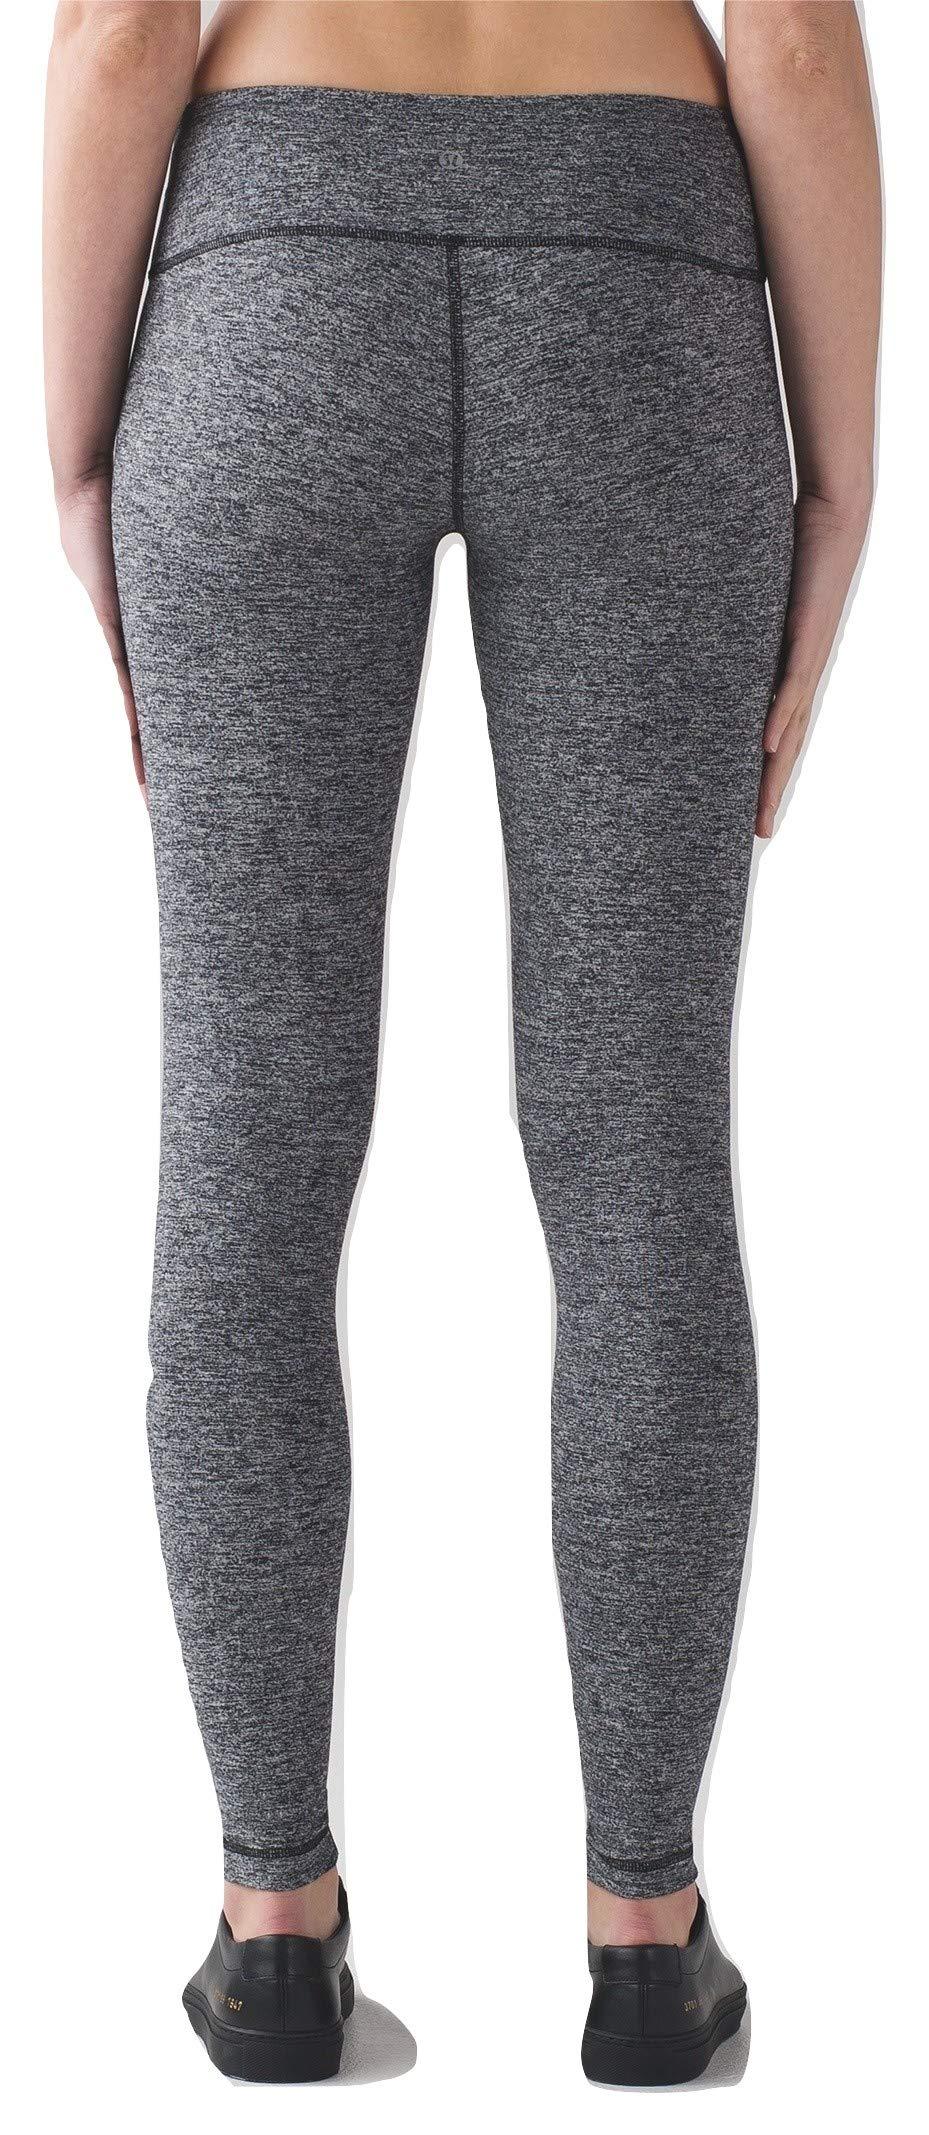 Lululemon Wunder Under Low Rise Tight Yoga Pants (Heathered Black, 12) by Lululemon (Image #1)